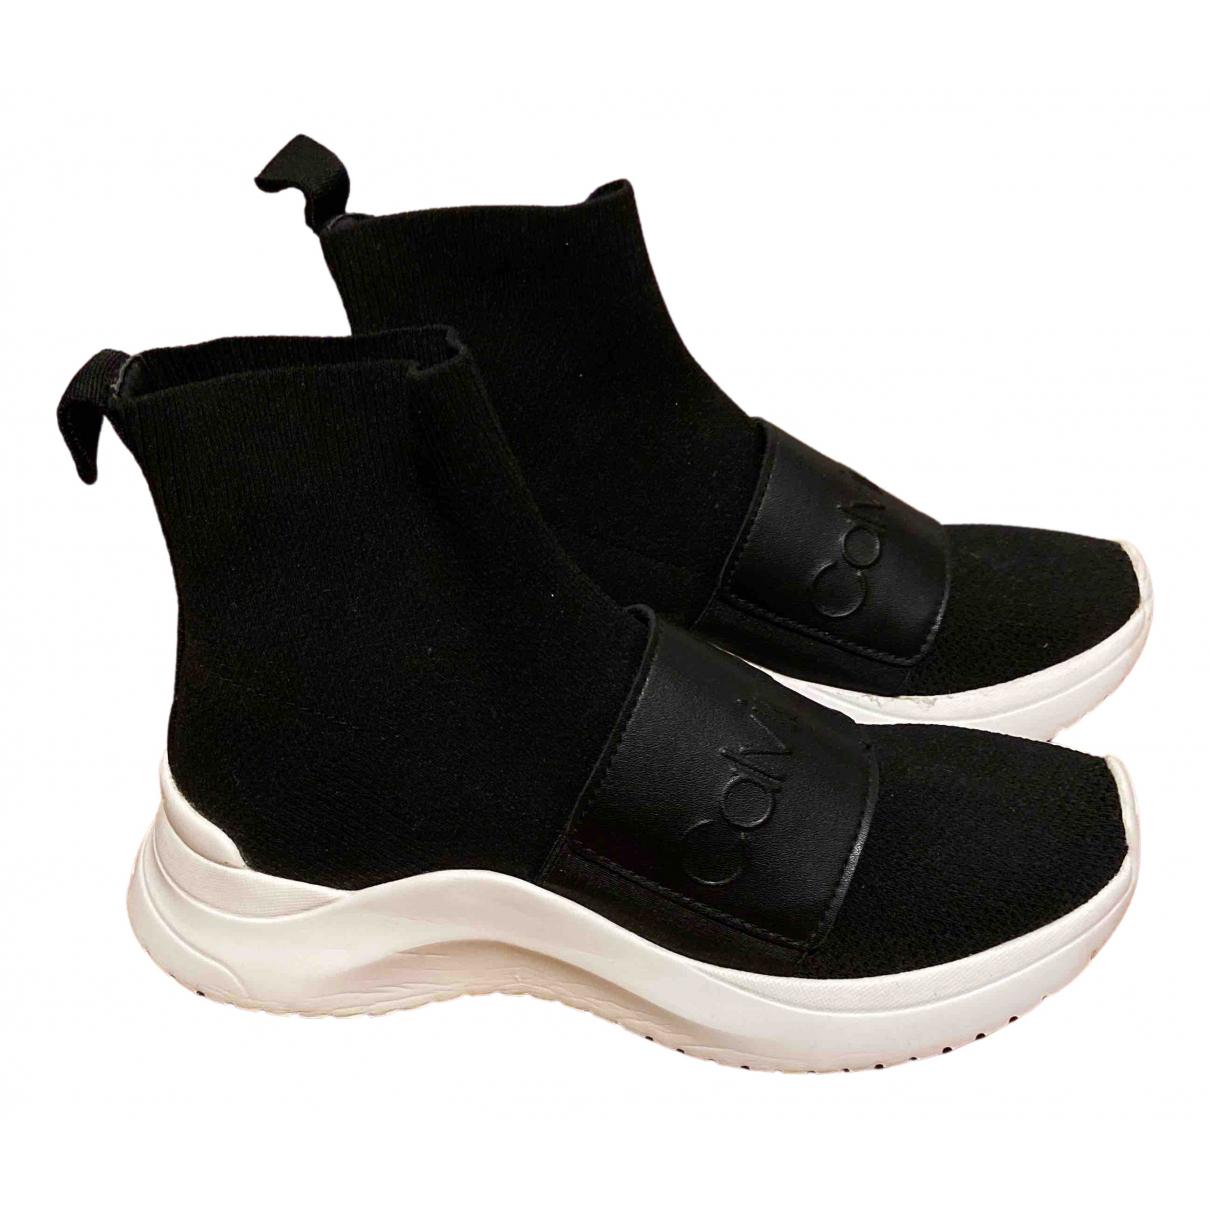 Calvin Klein N Black Cloth Trainers for Women 36 EU